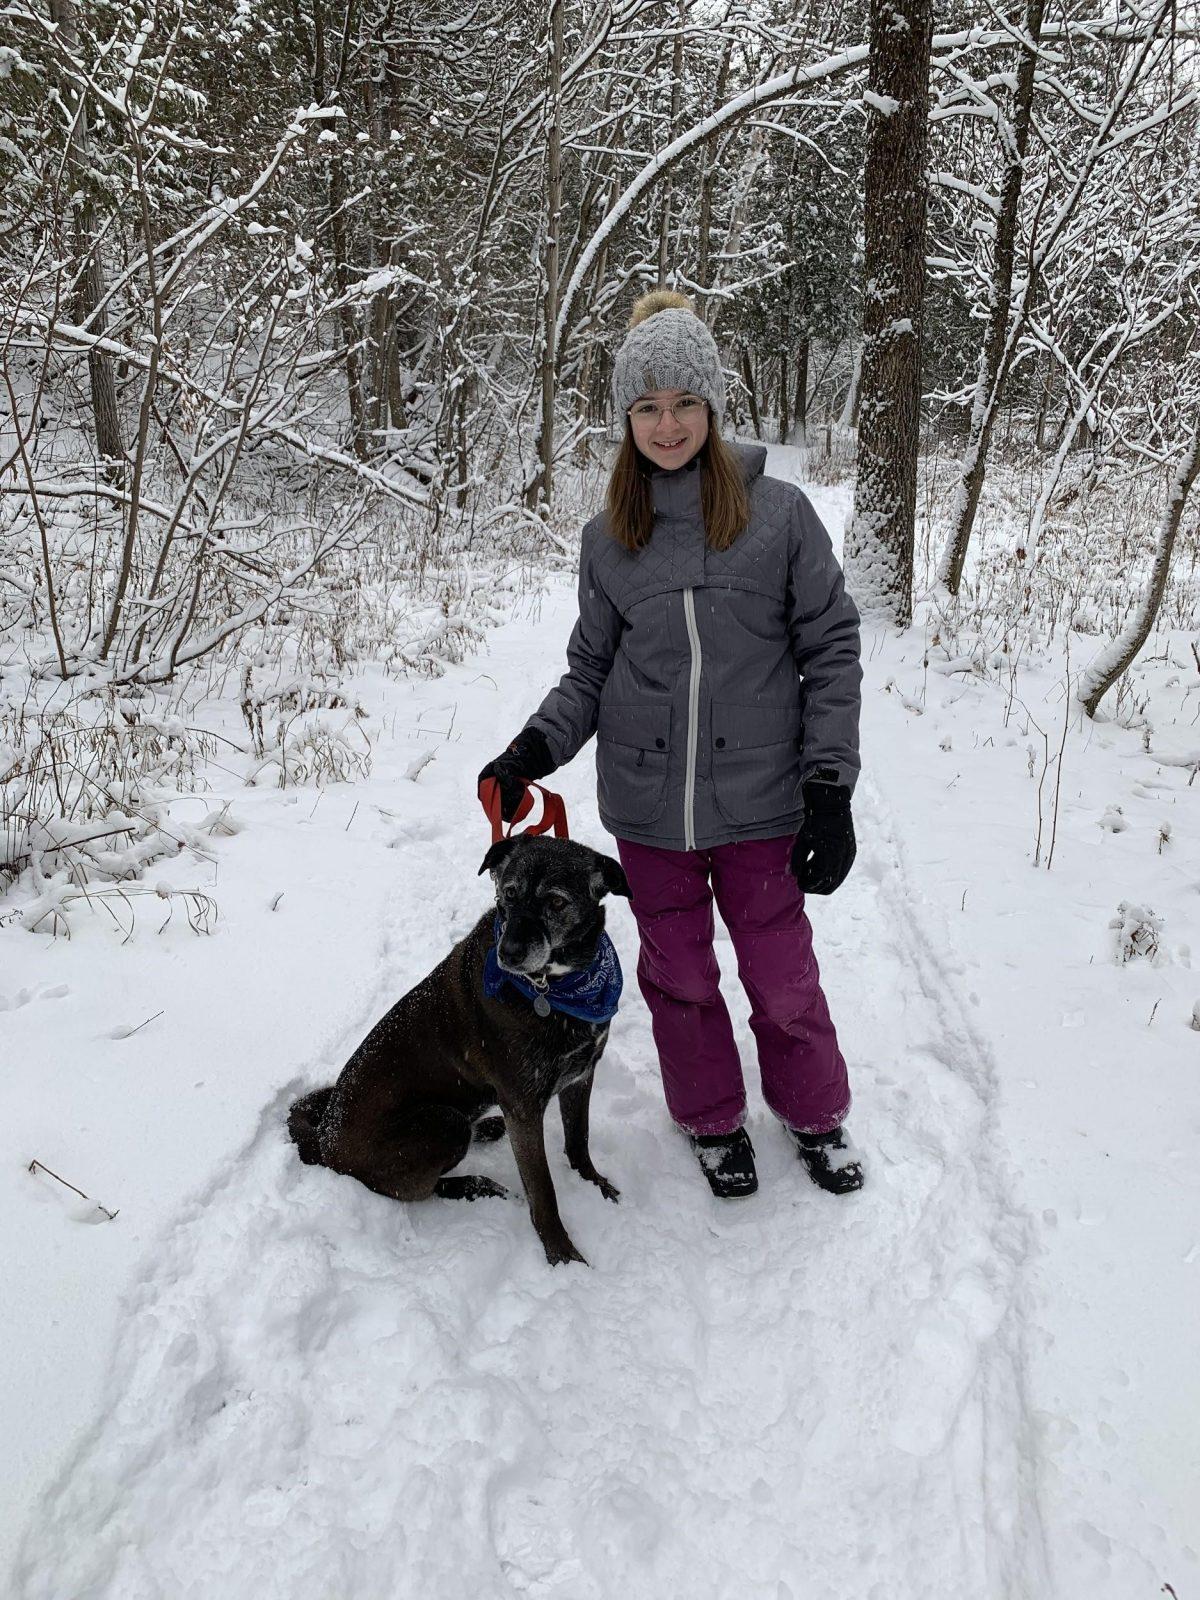 Lauriane Nadeau en compagnie de son chien à la réserve naturelle du Marais-Léon-Provancher. Portrait d'une jeune nouvelle bénévole.